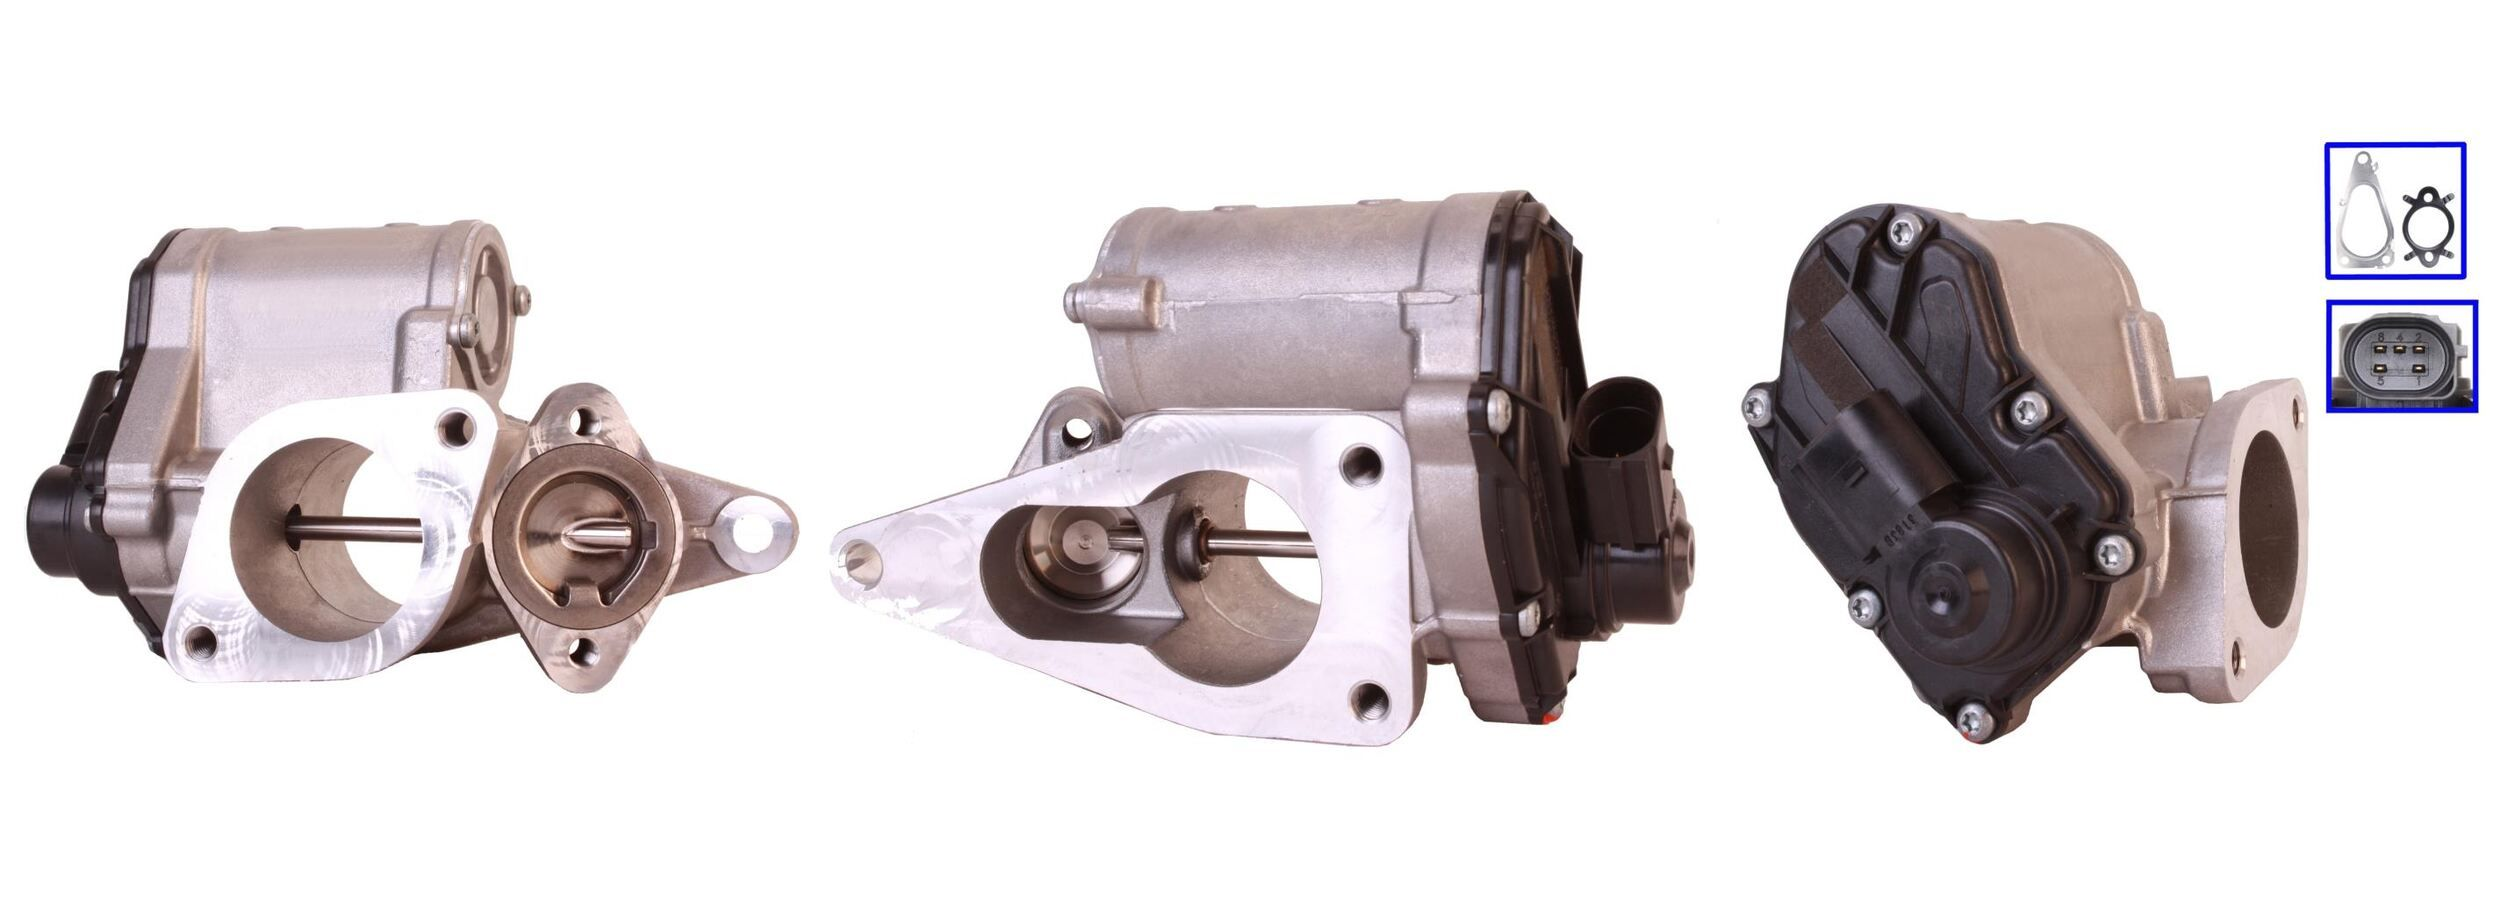 73-0069 ELSTOCK elektrisch, mit Dichtungen Anschlussanzahl: 5 AGR-Ventil 73-0069 günstig kaufen